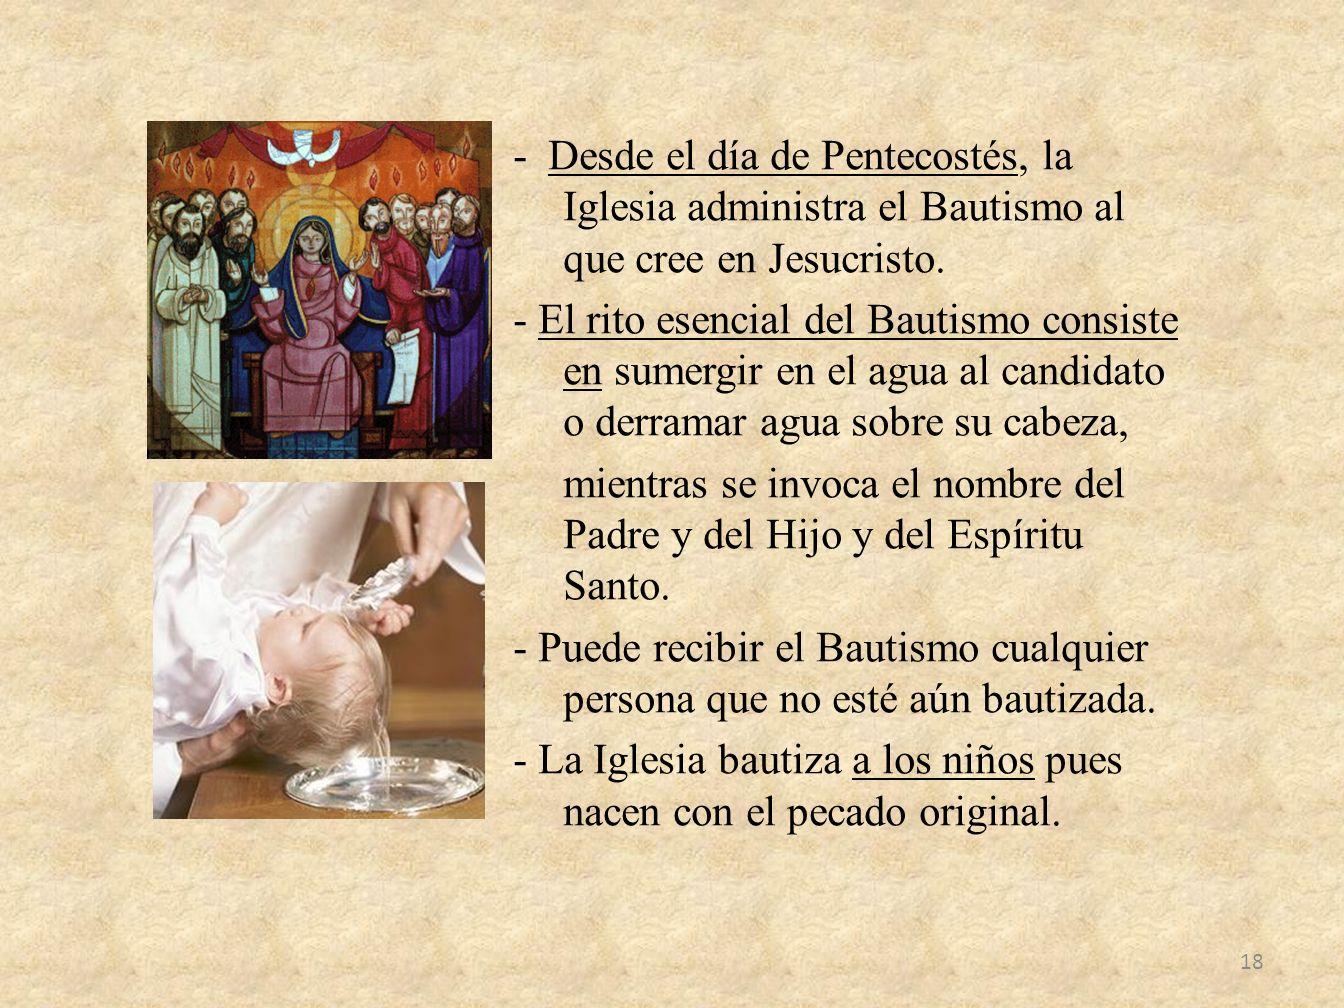 - Desde el día de Pentecostés, la Iglesia administra el Bautismo al que cree en Jesucristo.